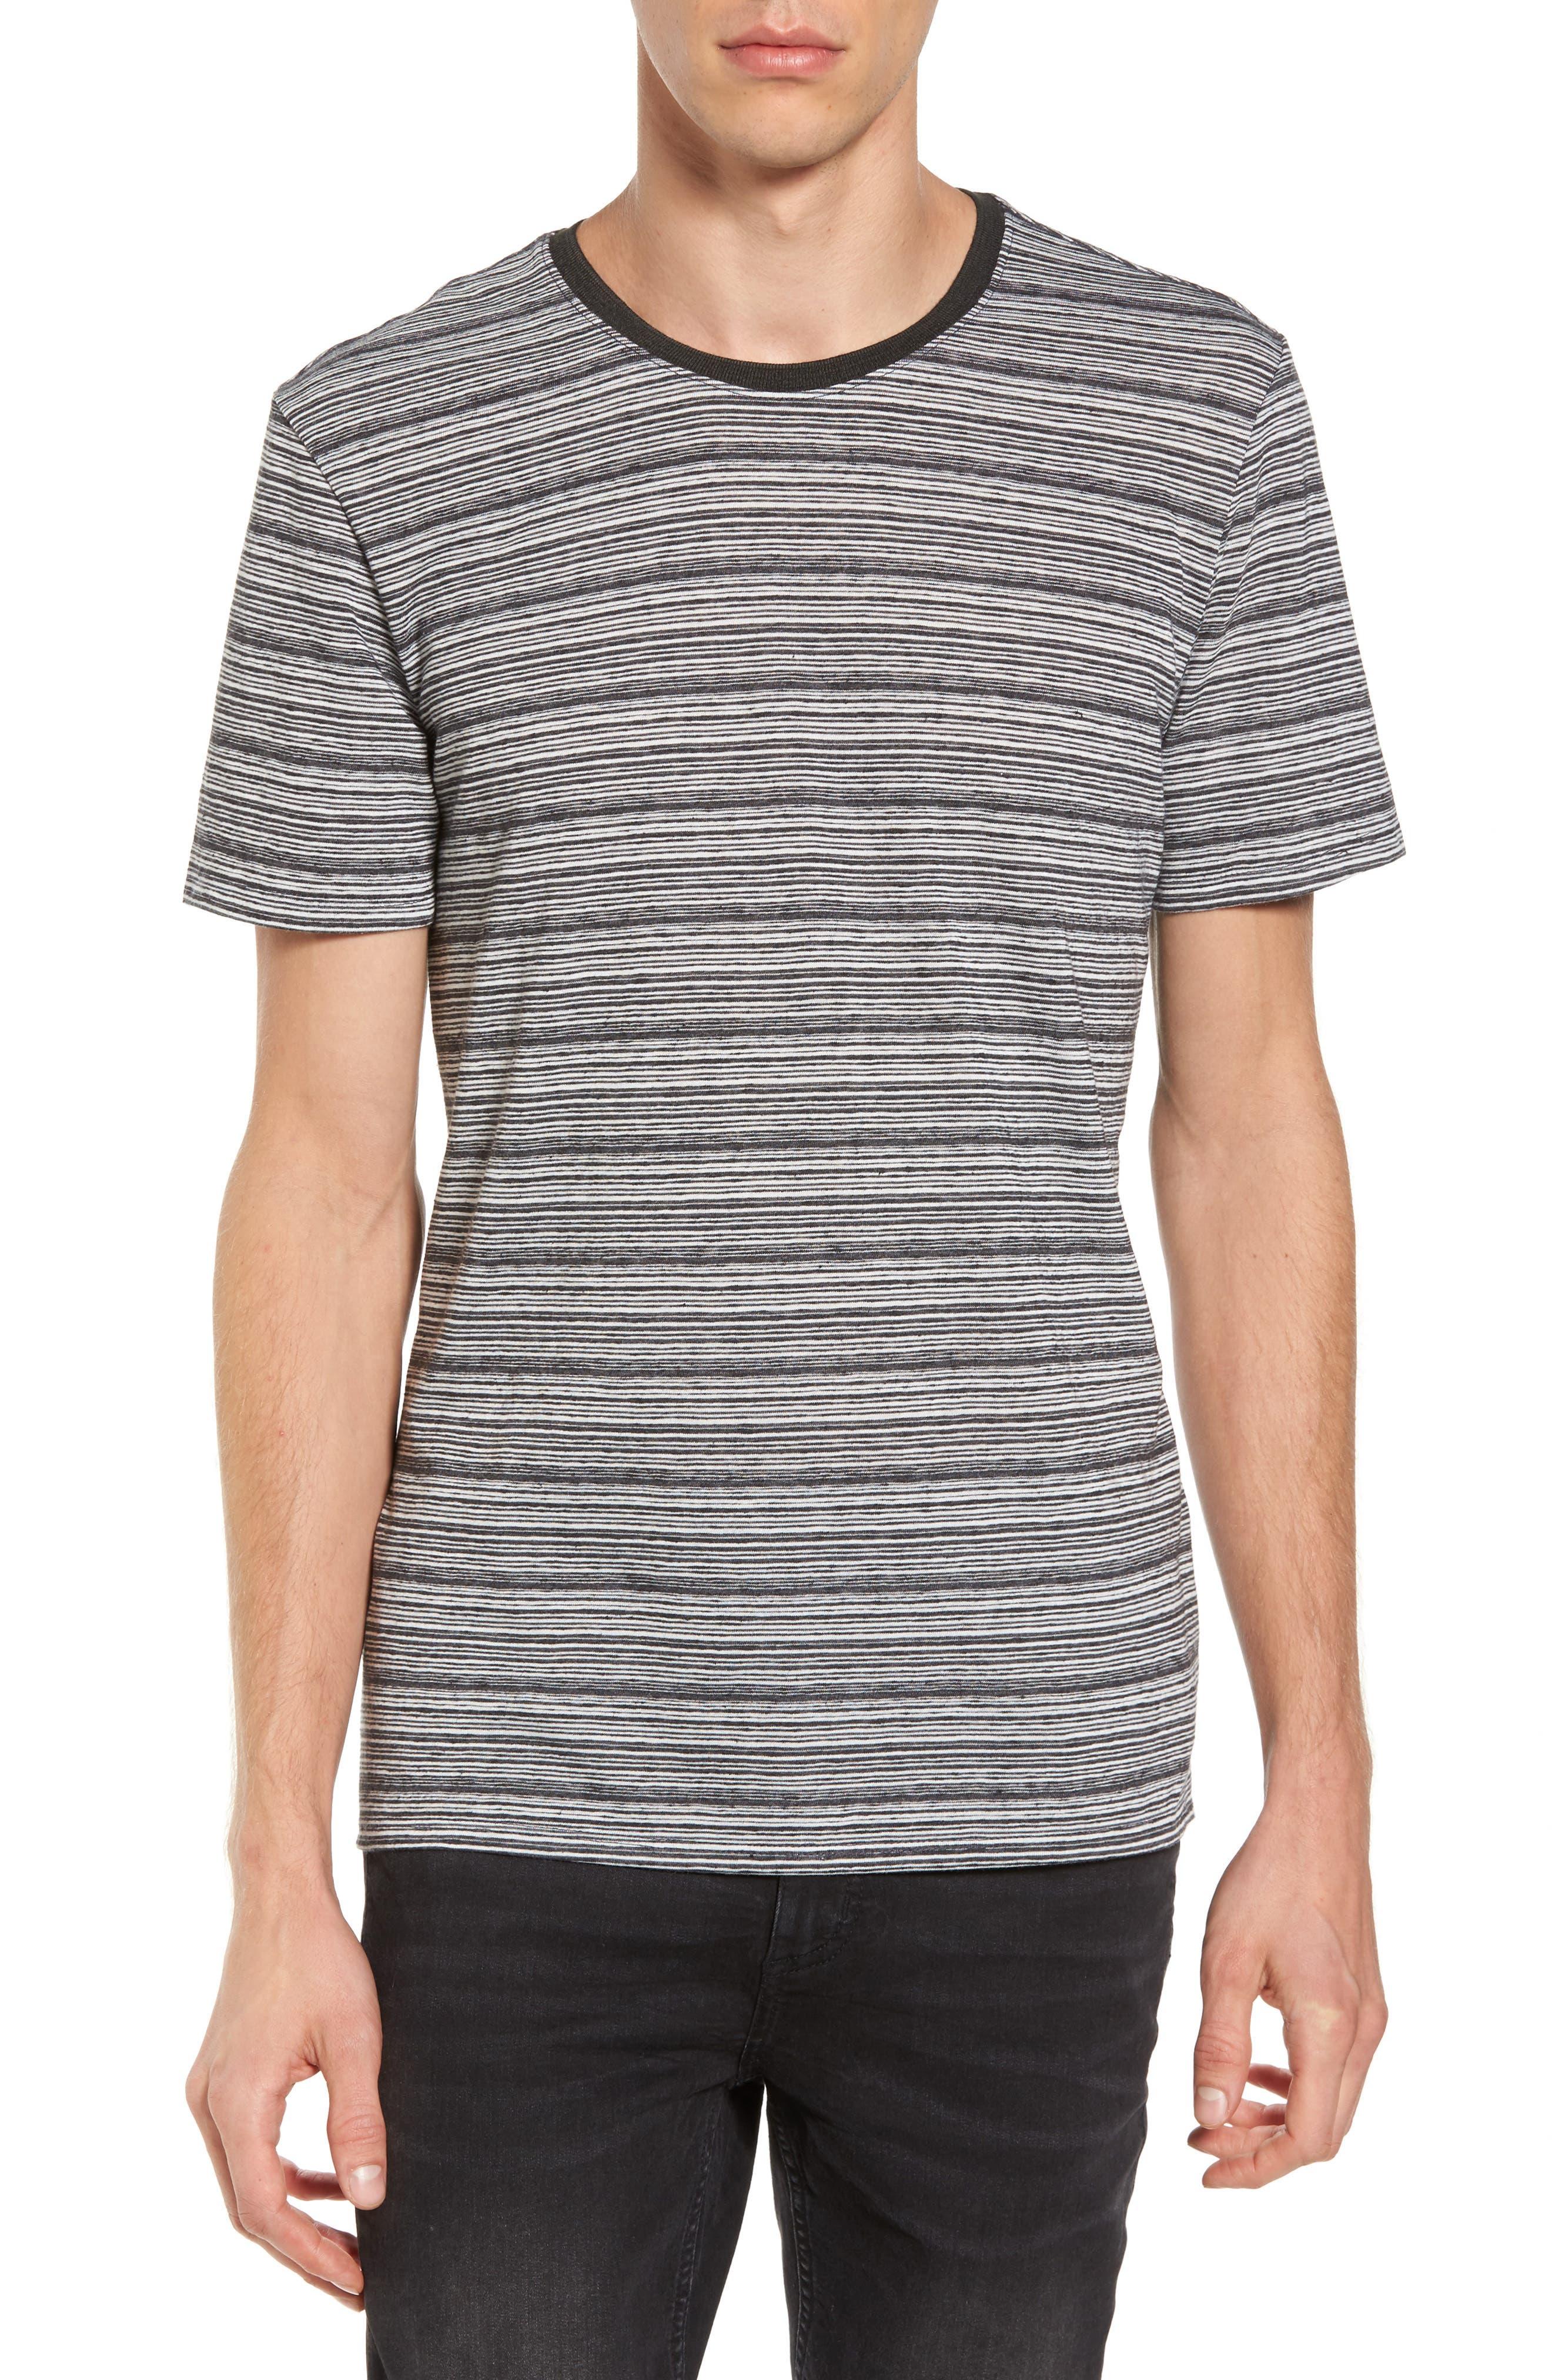 The Rail Stripe Ringer T-Shirt